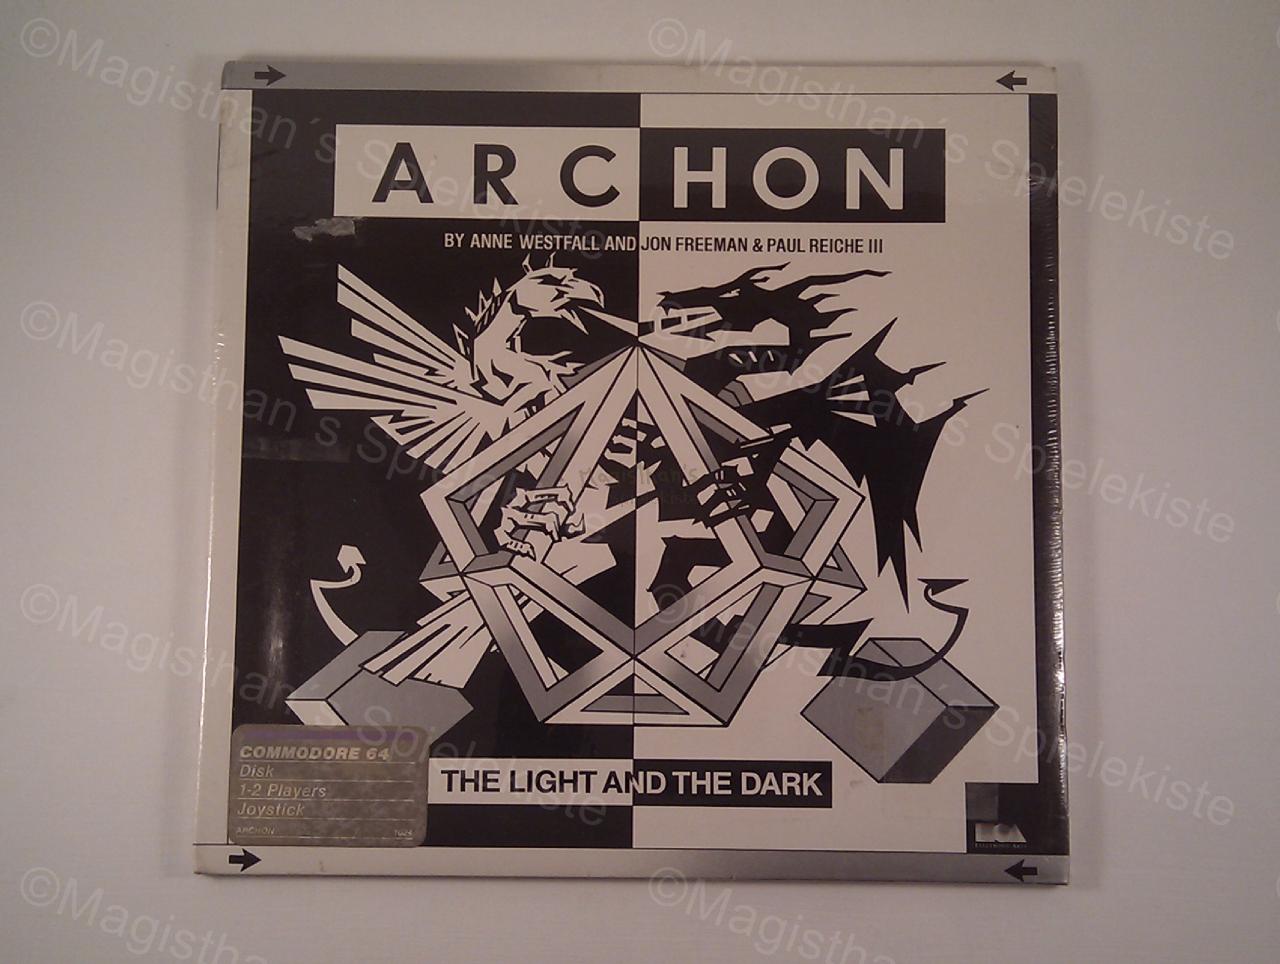 Archon1.png